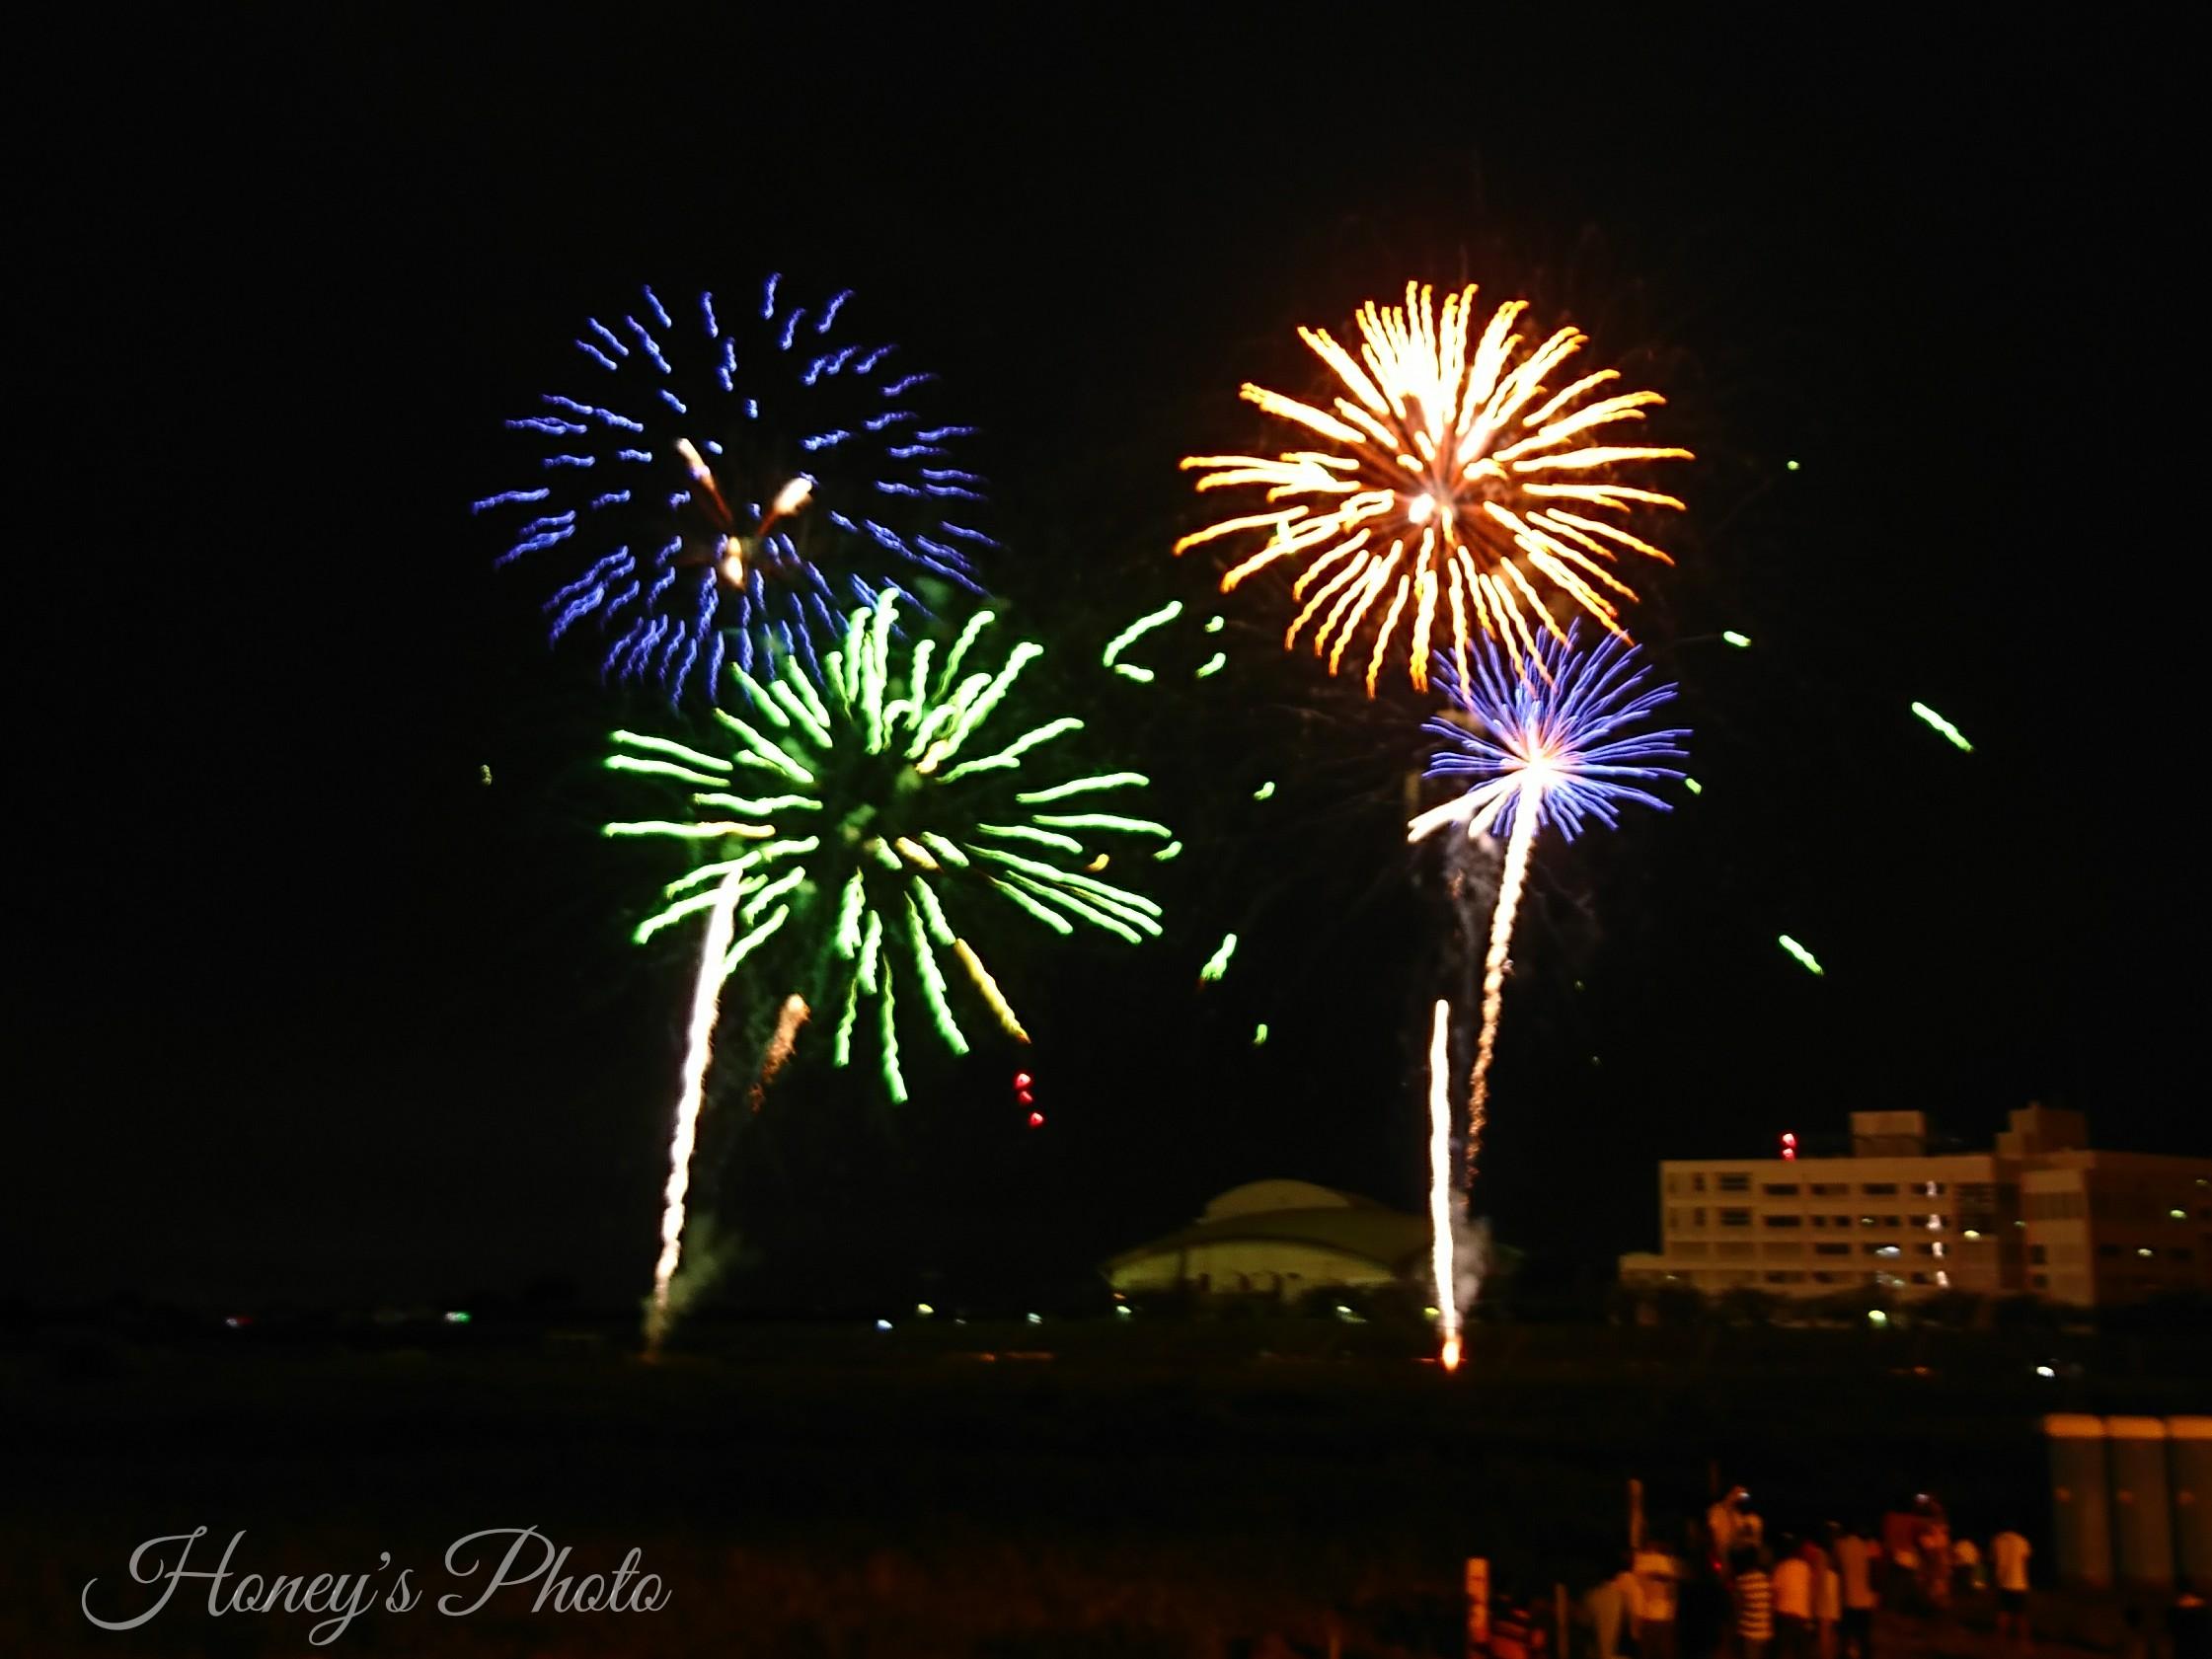 ☆【花火】今年も2万発上がりました!小山の花火は見応えあり ☆